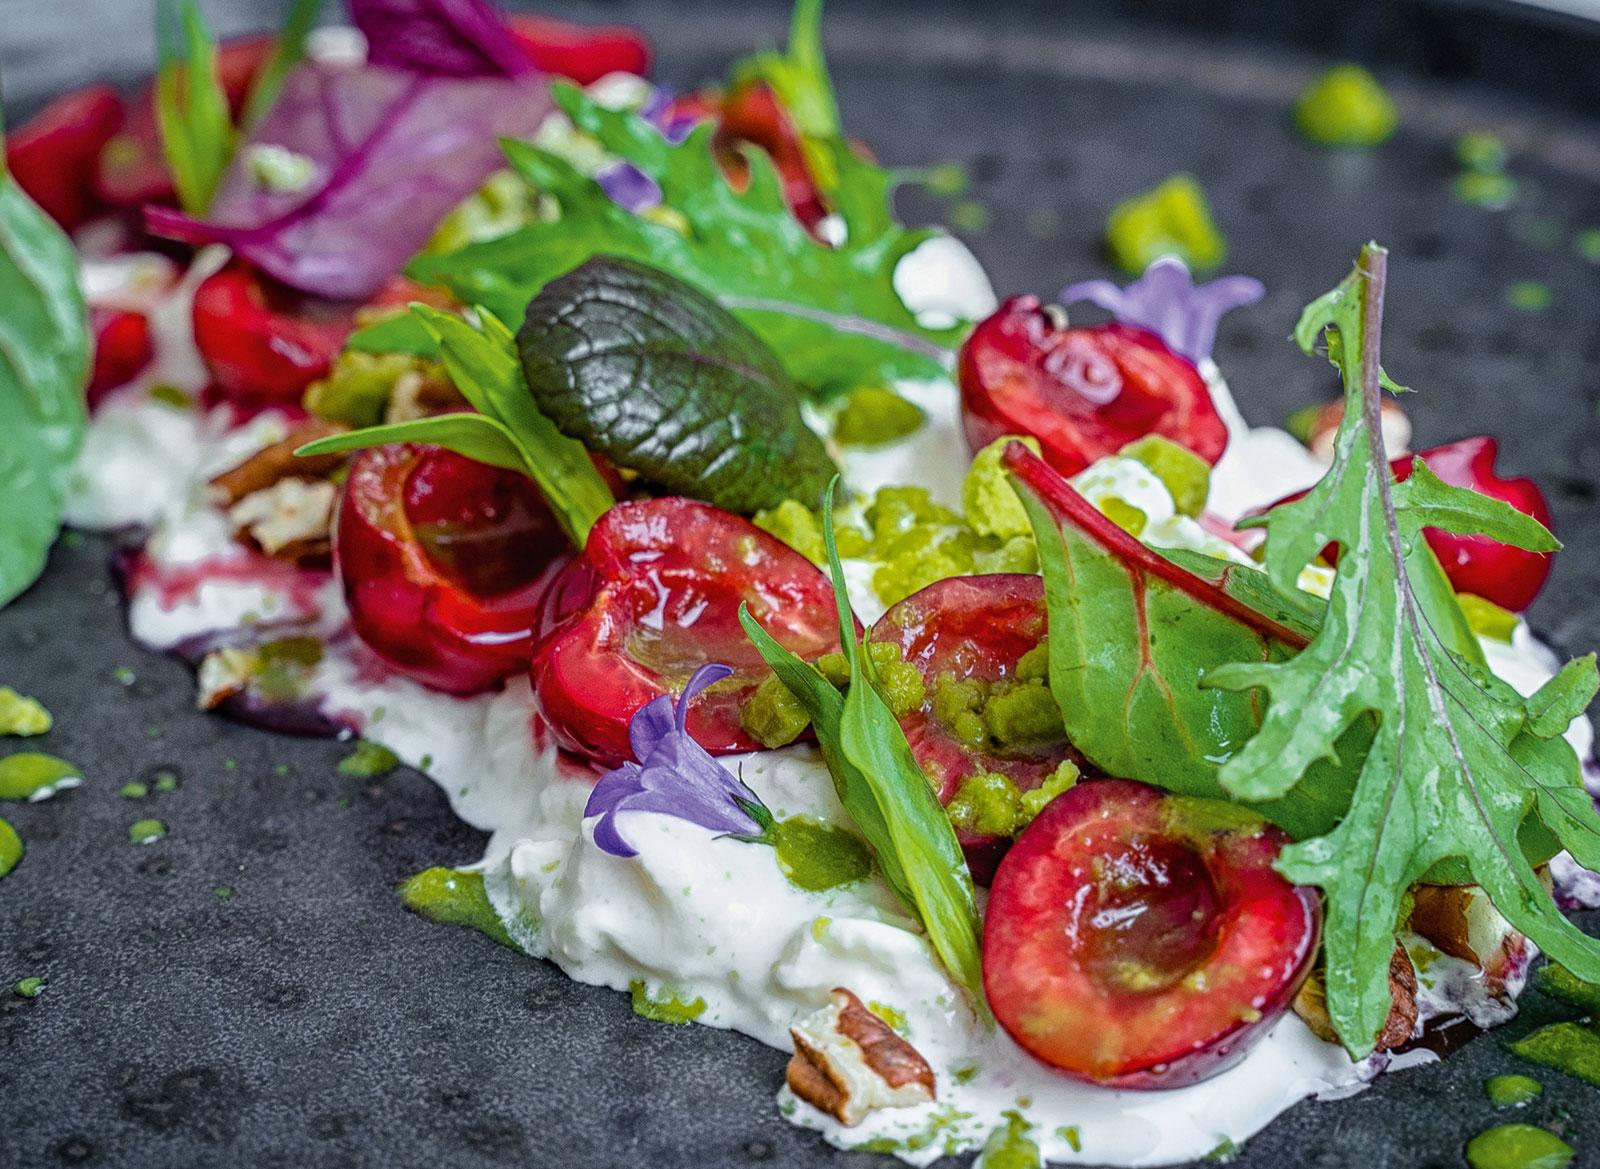 салат от шефа ресторанного типа фото человека визуально делится